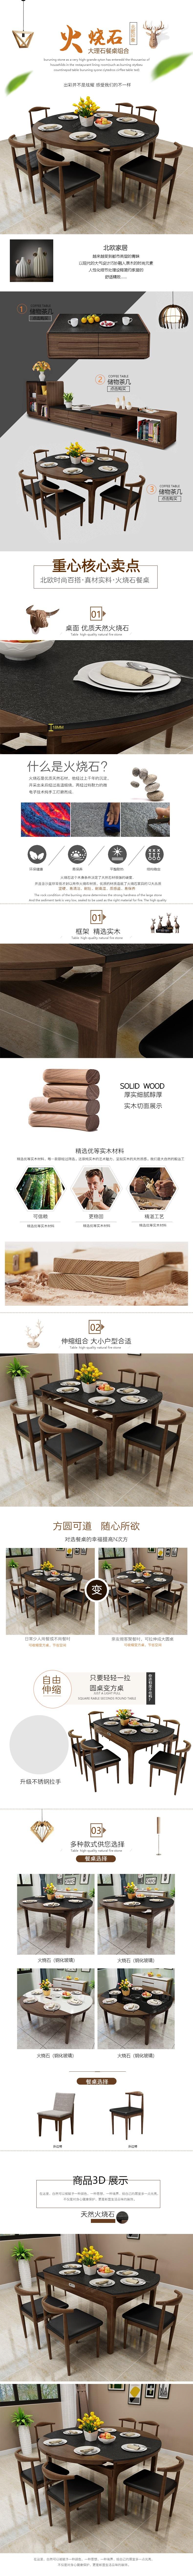 清新简约百货零售家居生活家具餐桌促销电商详情页